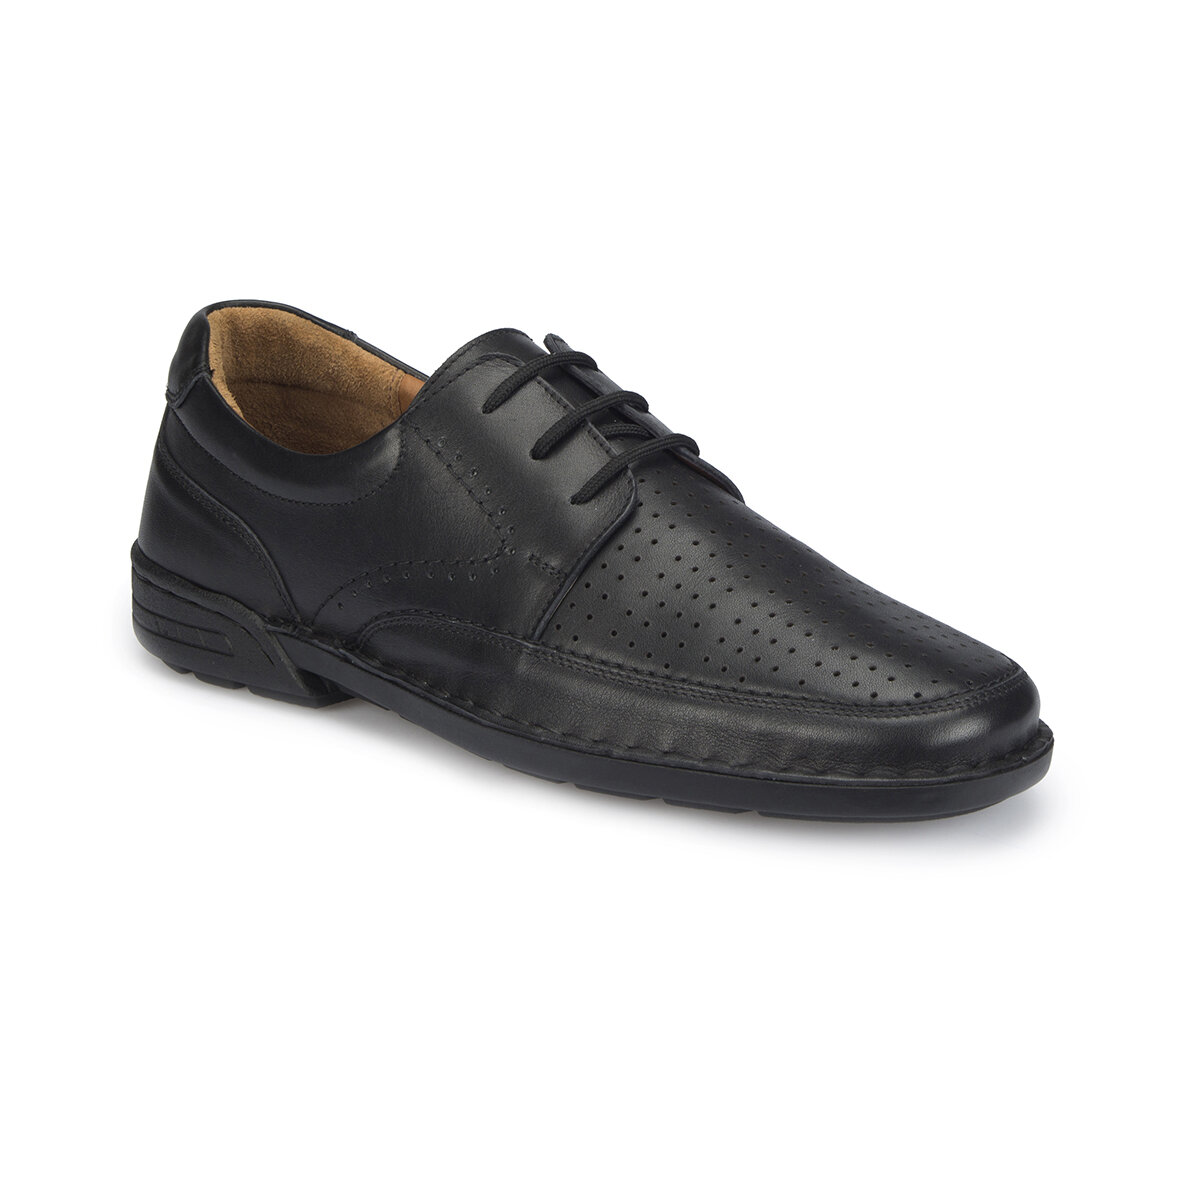 FLO 81. 110452.M Black Men 'S Classic Shoes Polaris 5 Point